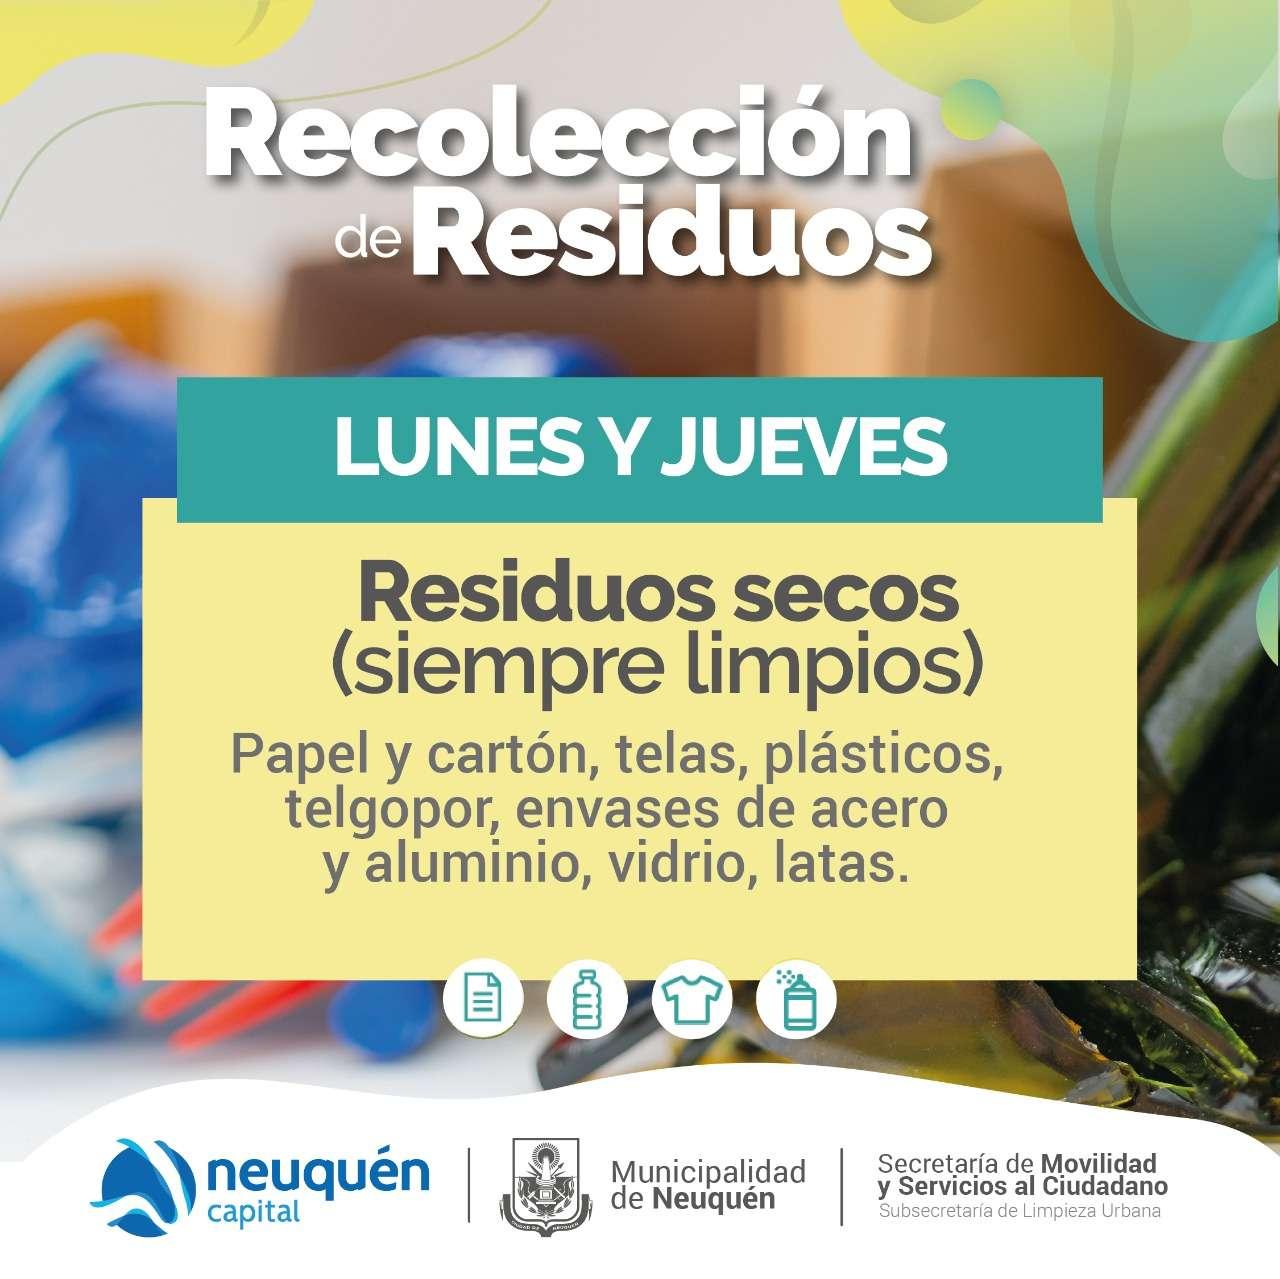 Recolección residuos secos